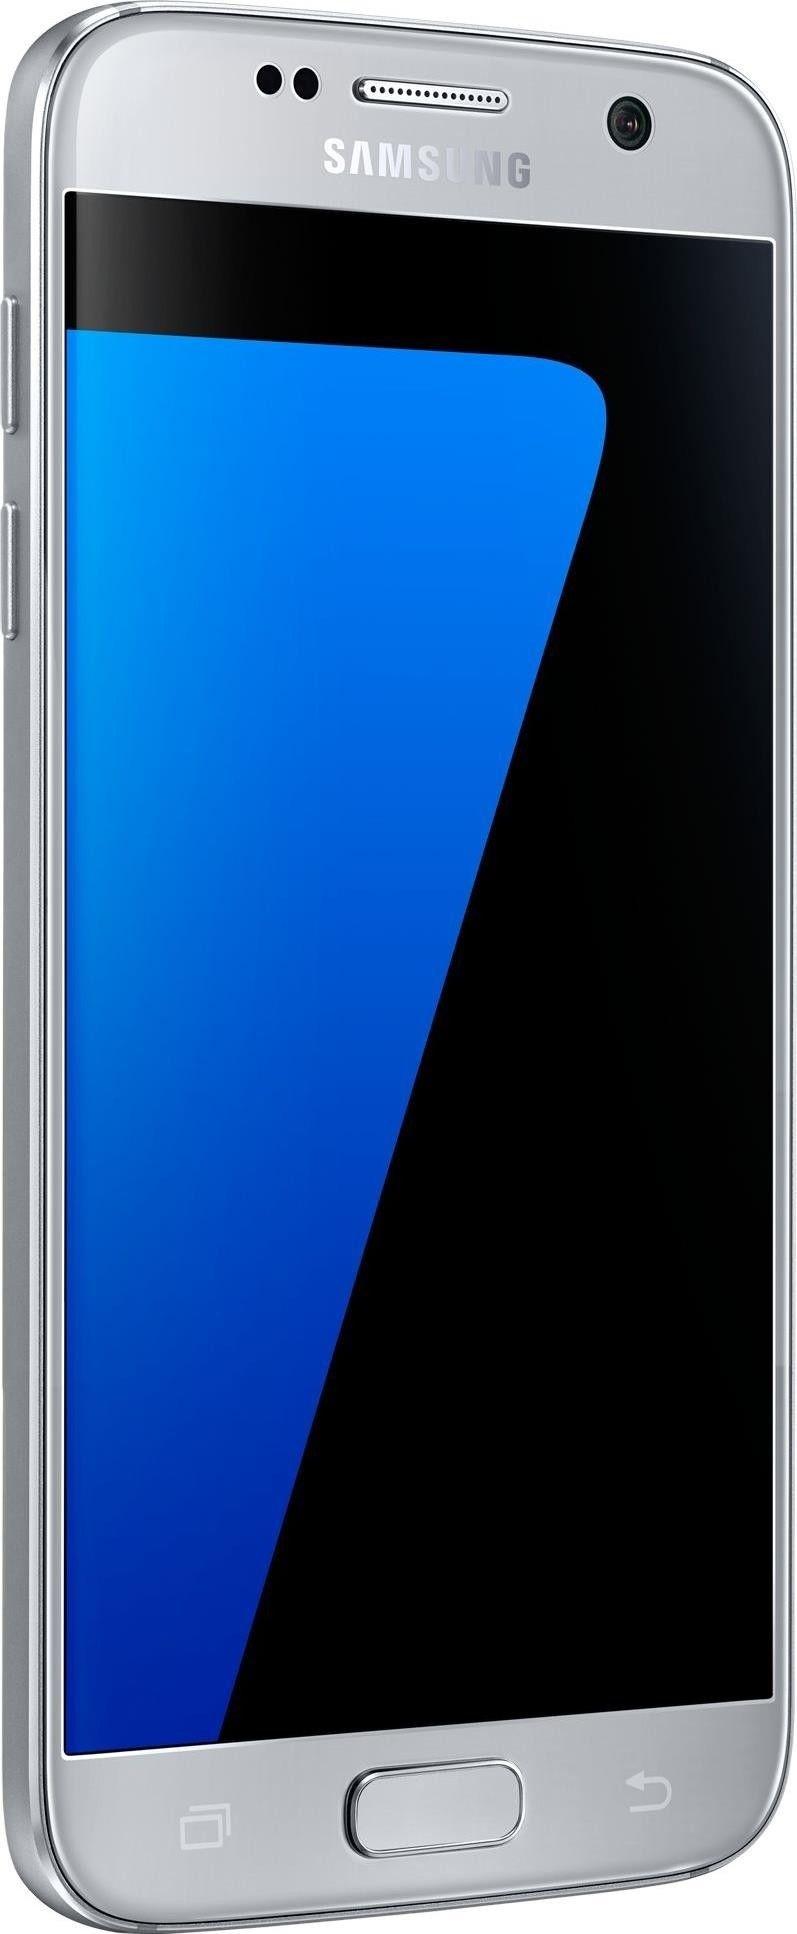 Мобильный телефон Samsung Galaxy S7 Duos G930 (SM-G930FZSUSEK) Silver - 2